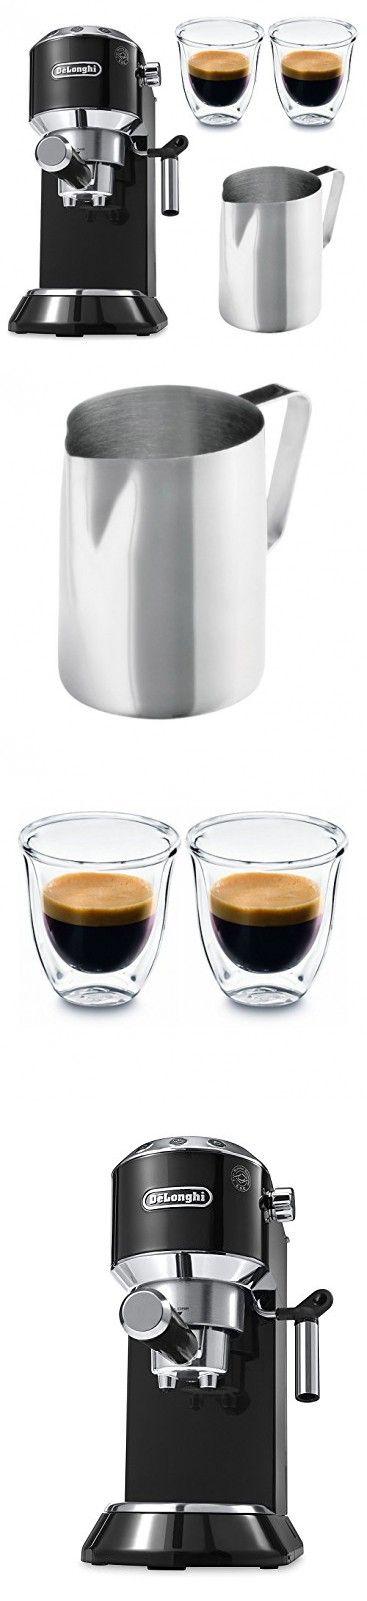 145 best Steam Espresso Machines images on Pinterest | Espresso ...